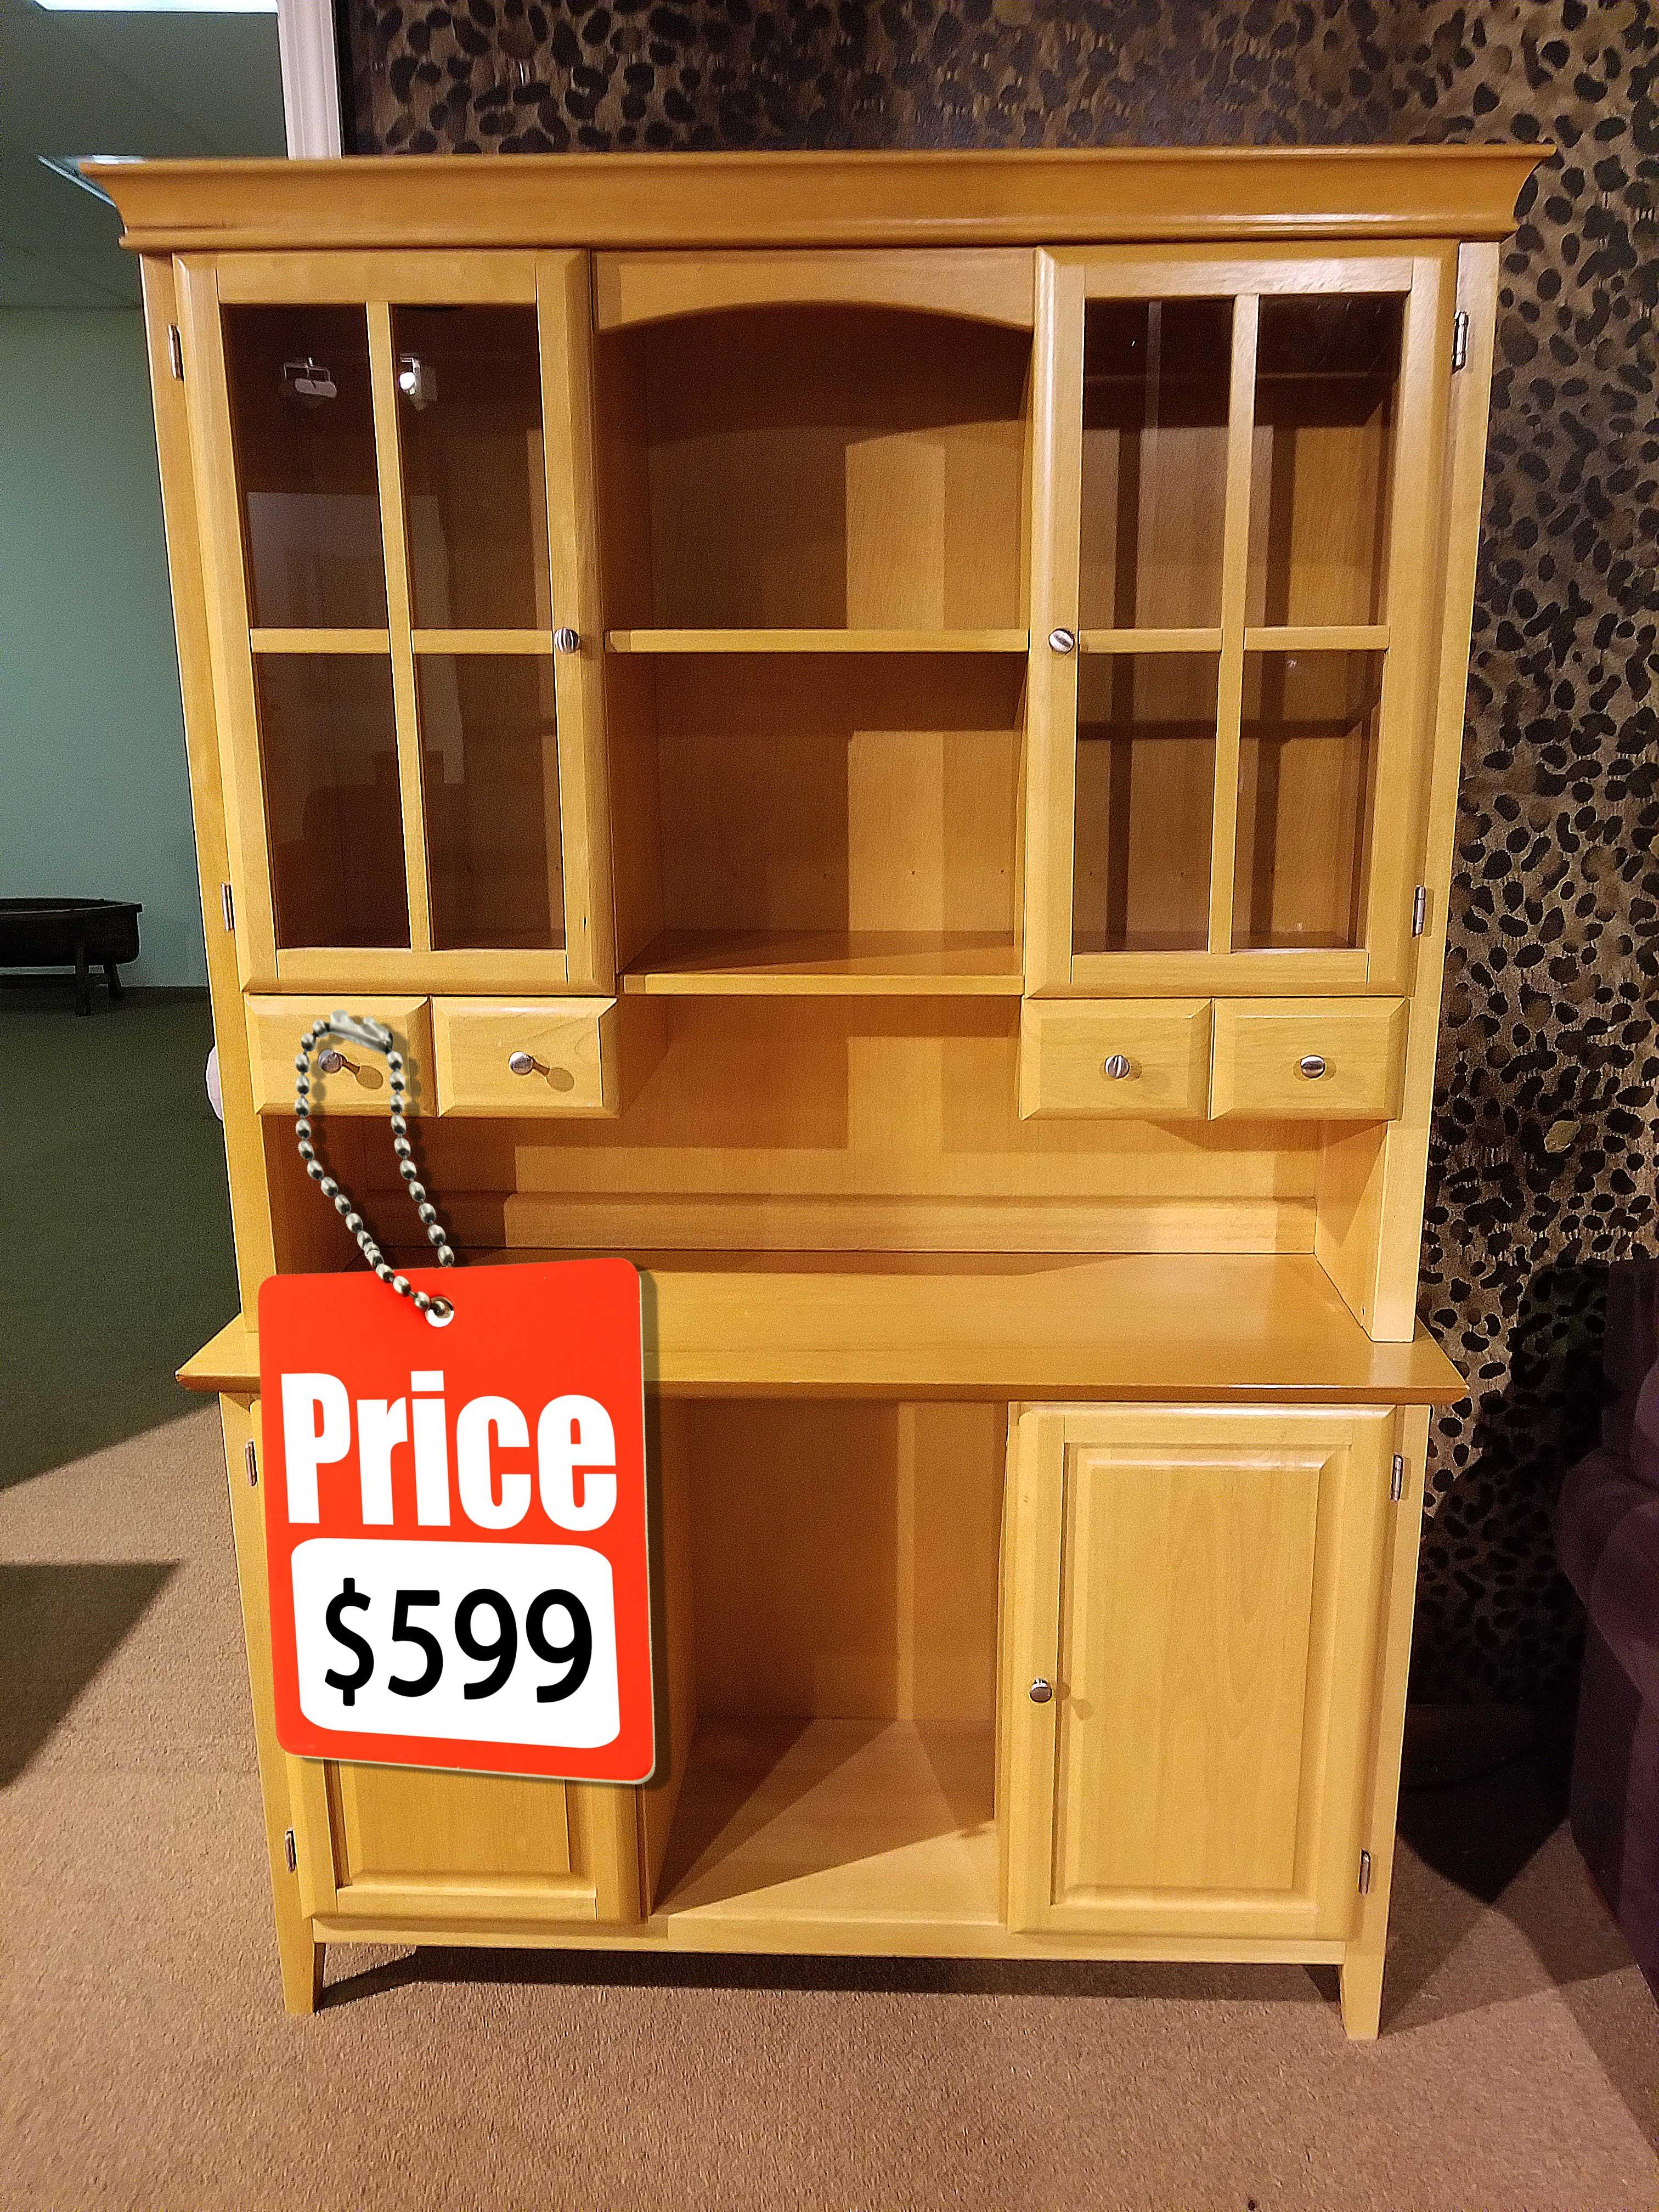 Craigslist N Ms >> We buy and sell used furniture | Farmingdale Long Island, N.Y